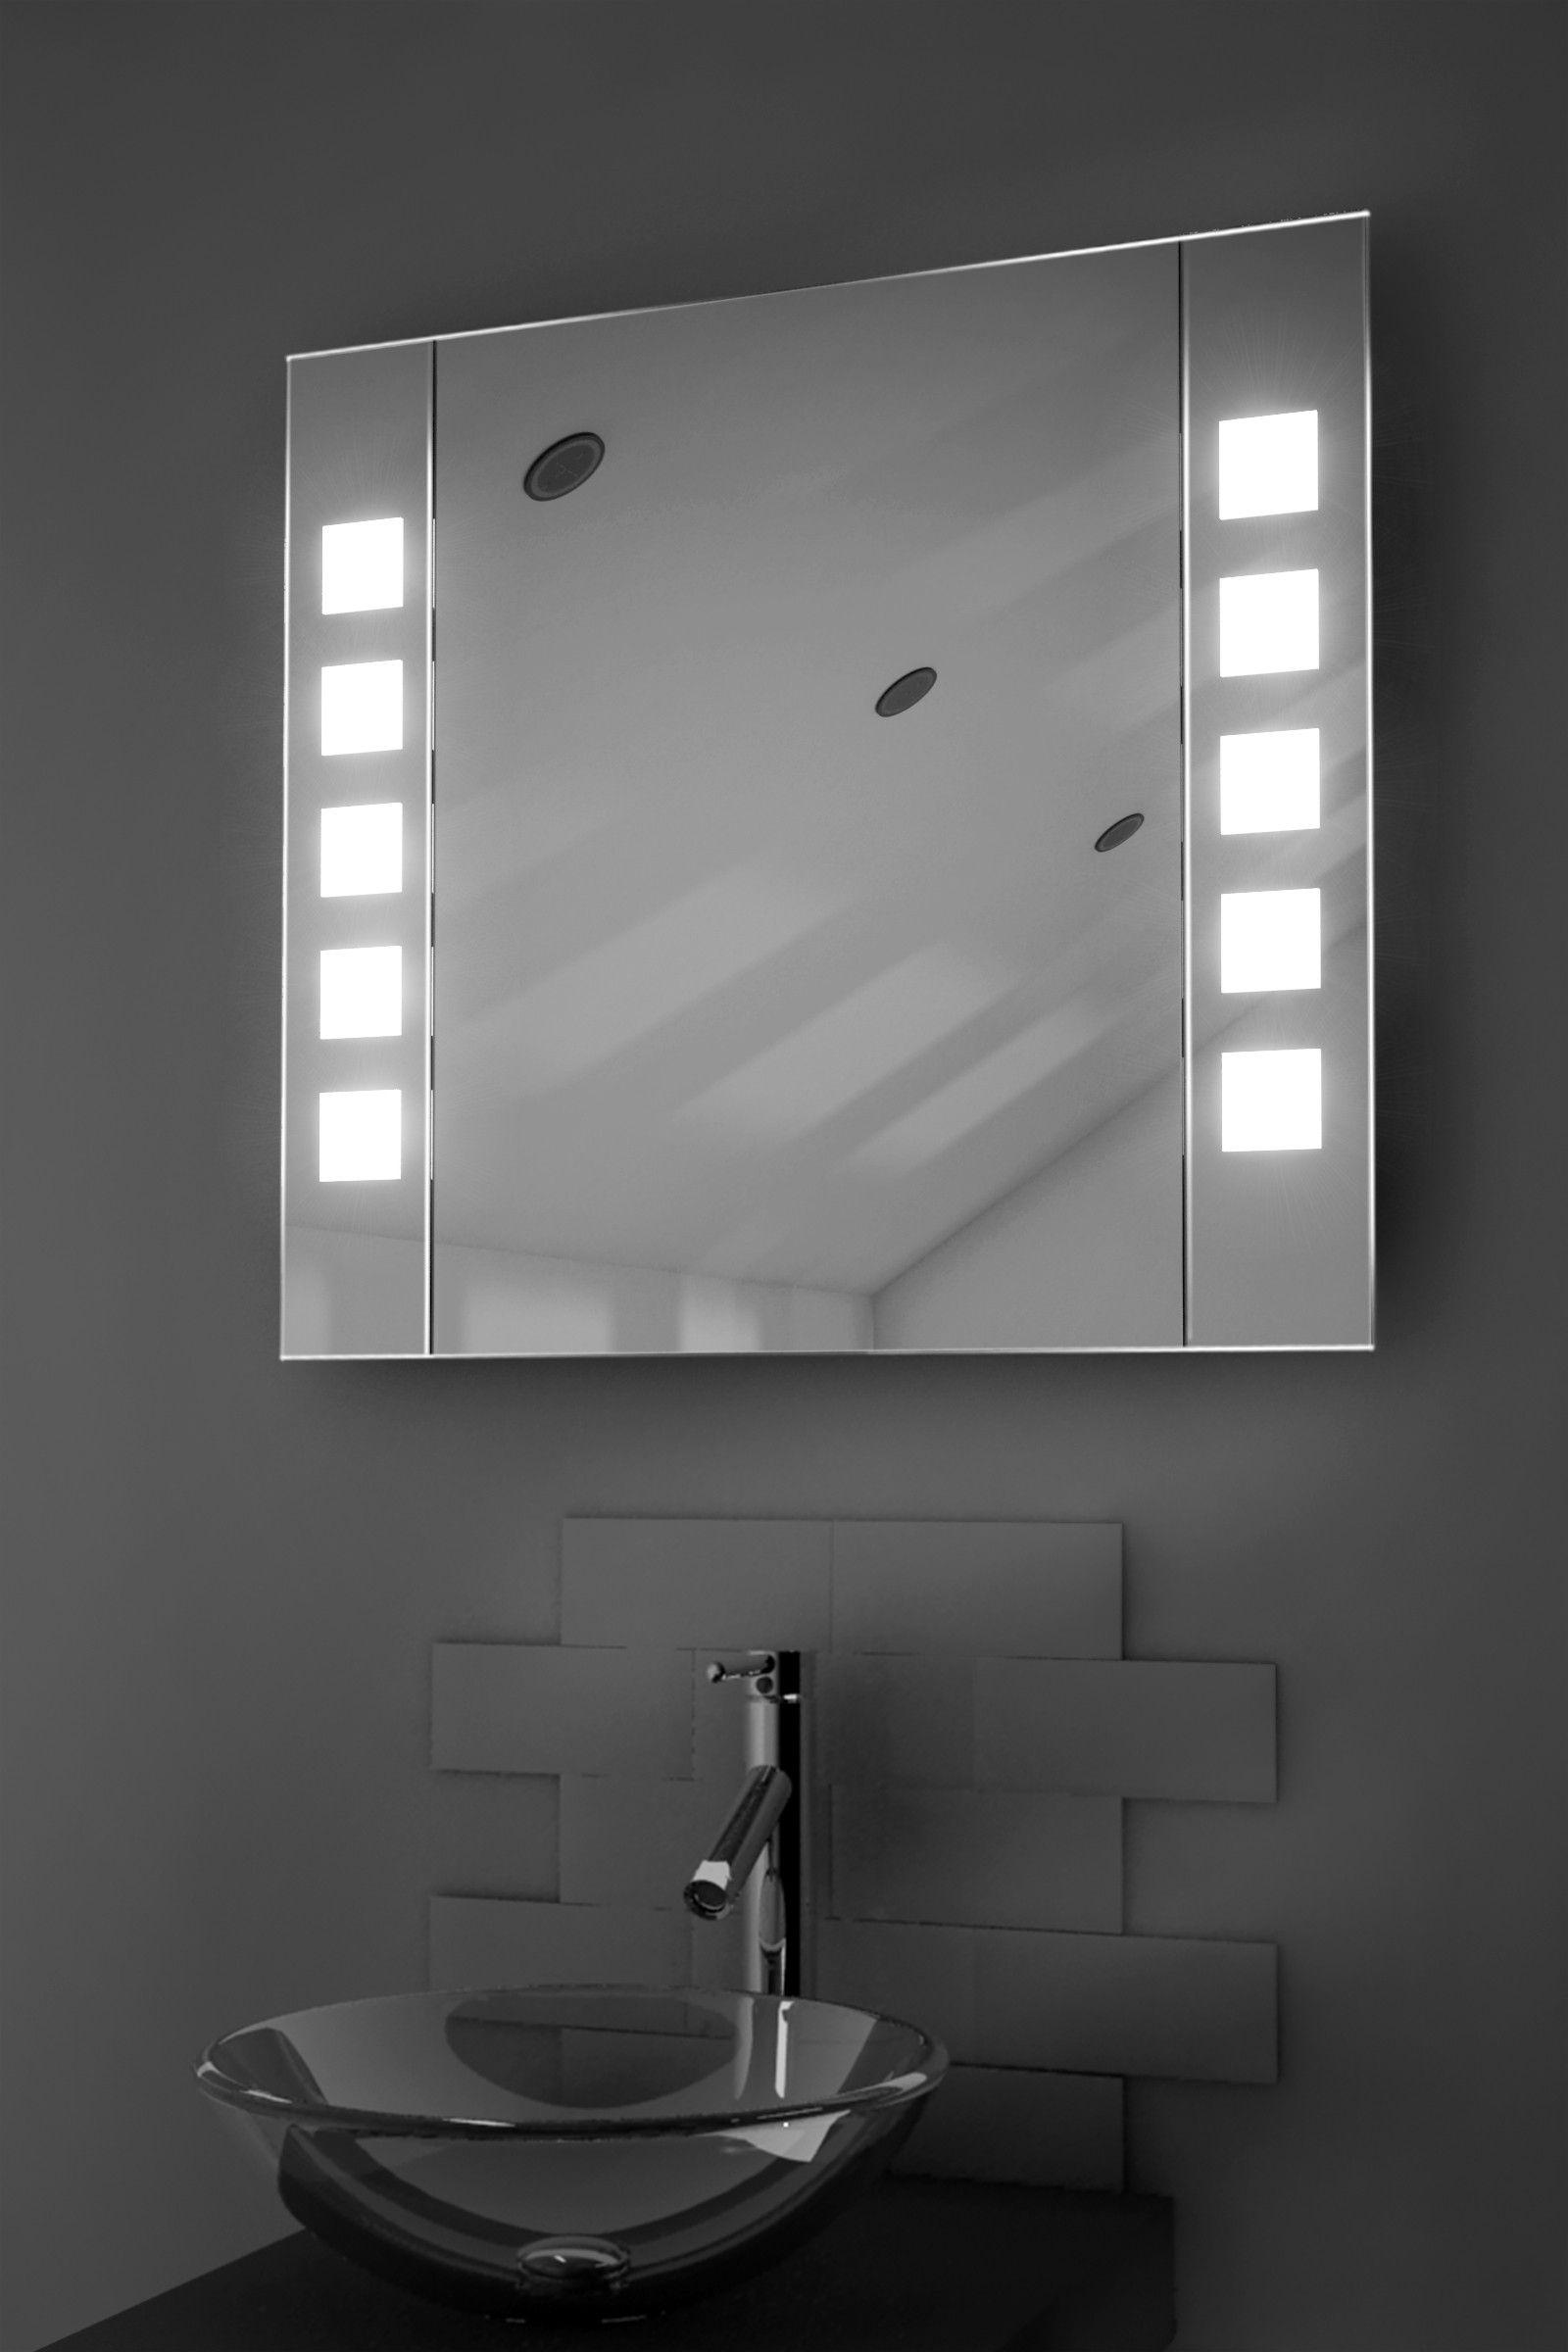 Bathroom led mirrors uk - Led Illuminated Bathroom Mirrors